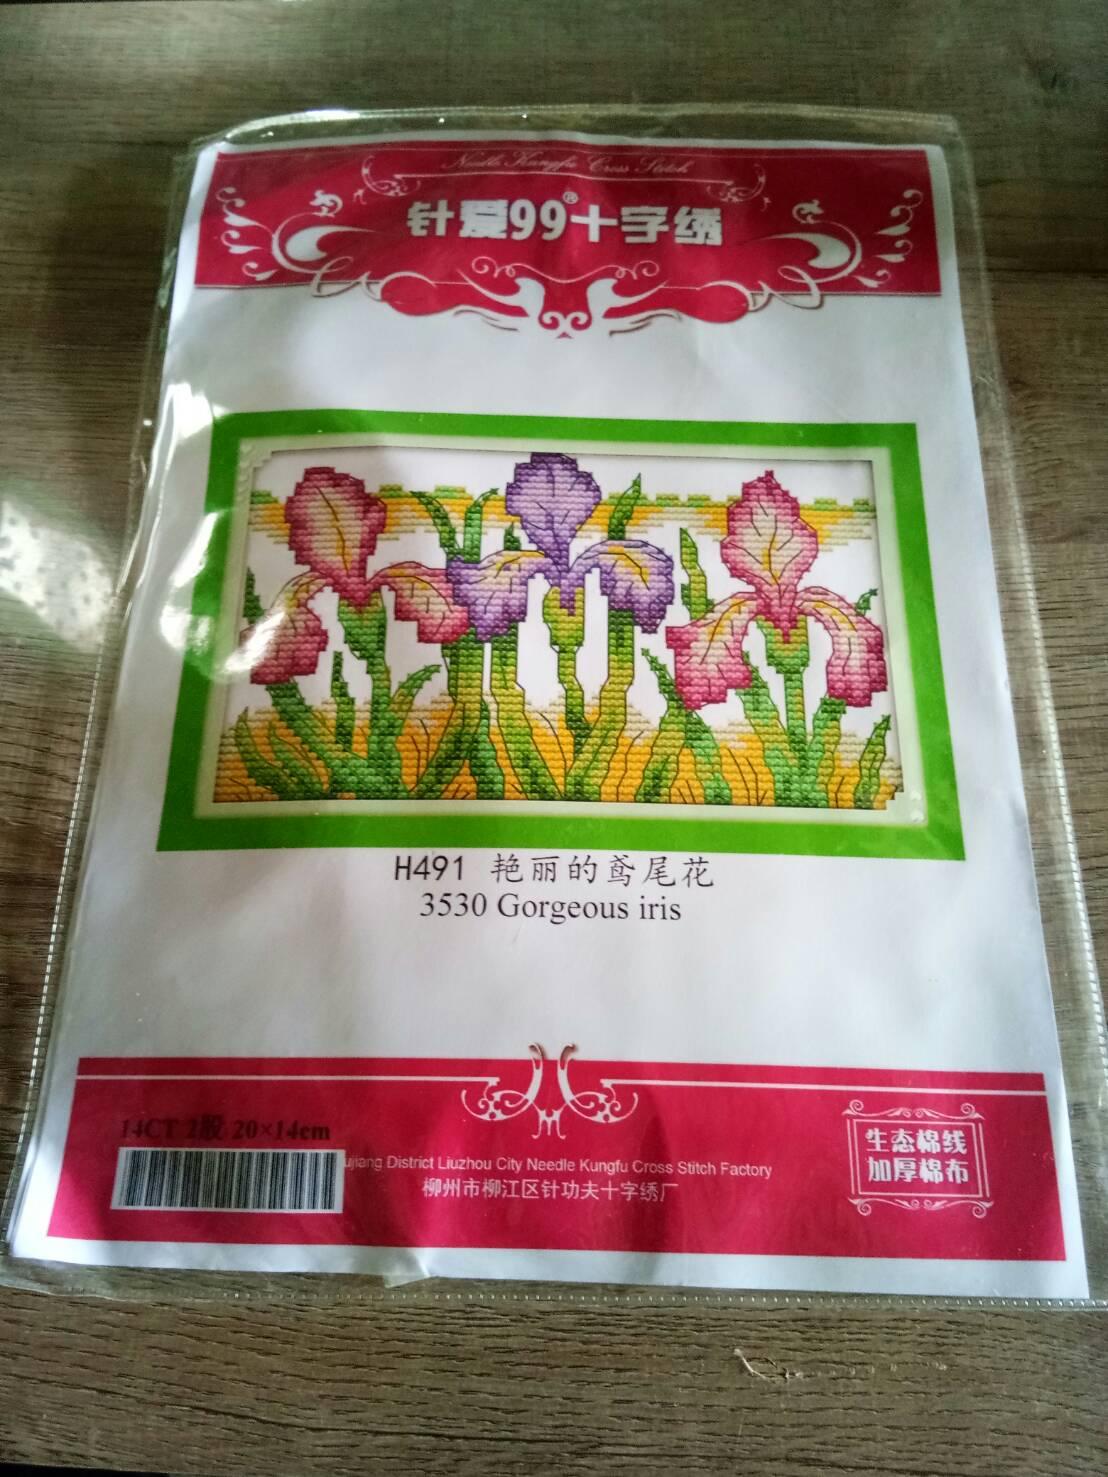 ชุดปักครอสติช ลายดอกไม้ ขนาด 20*14ซม.ผ้าครอสติช 14 CT ไม่พิมพ์ลายปัก ไหมคอตตอน สี+ผังลาย+เข็ม (ส่งฟรี)